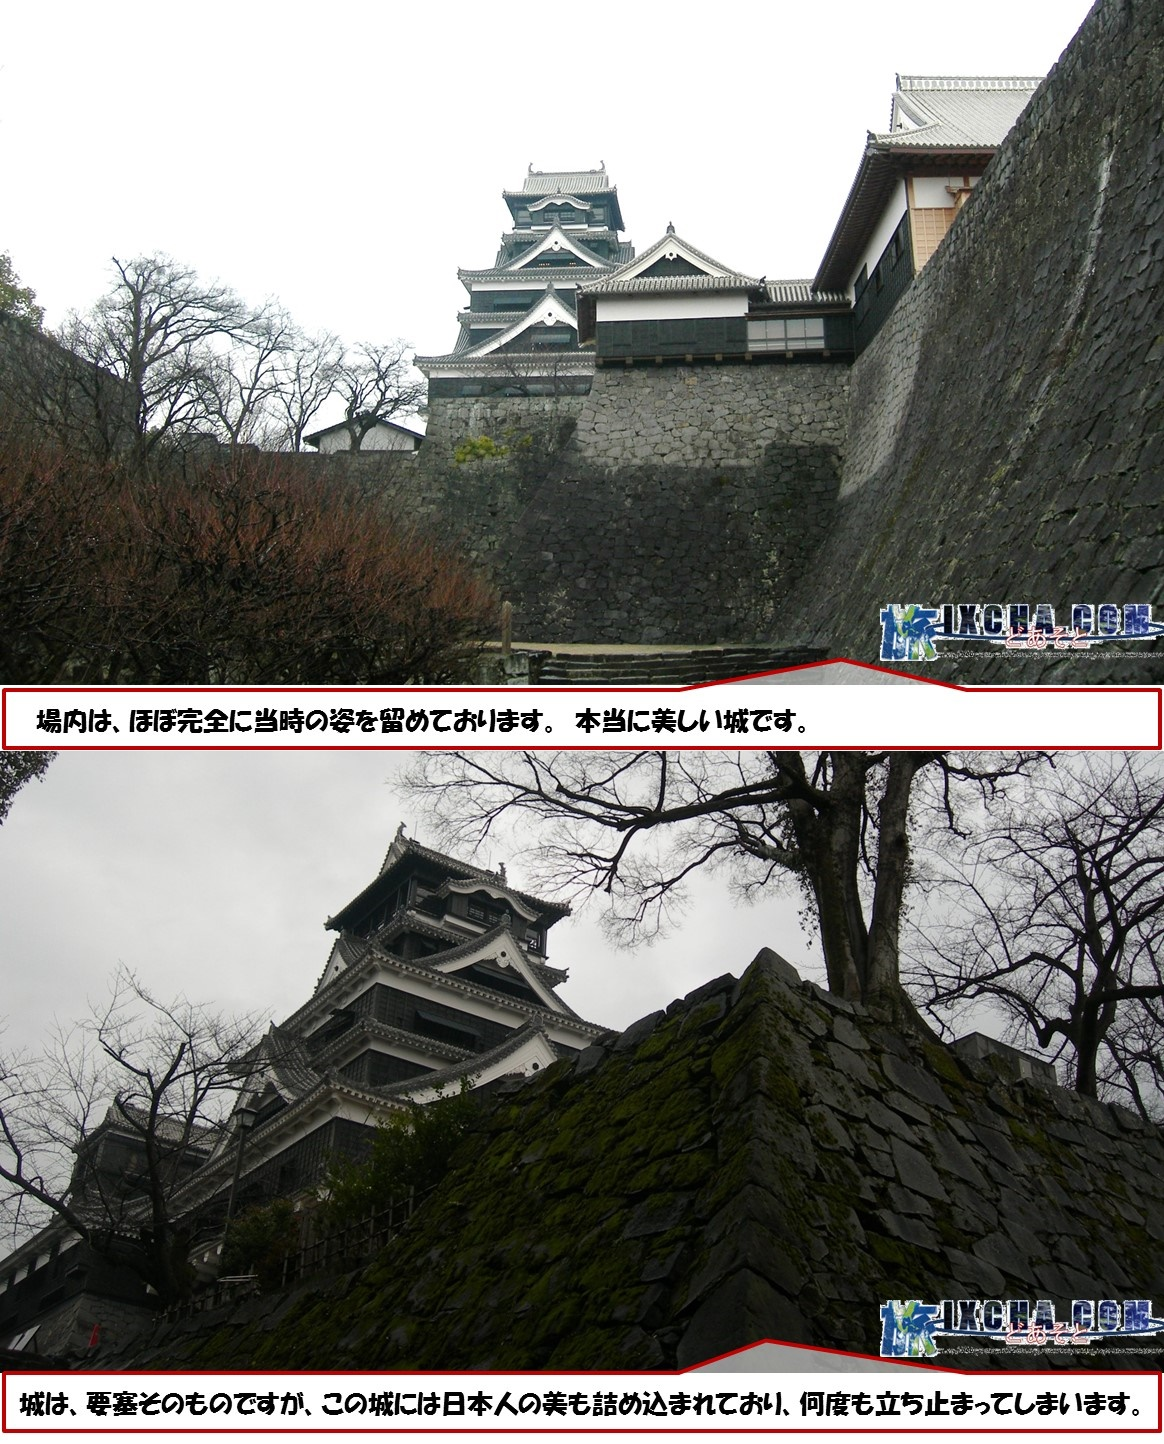 場内は、ほぼ完全に当時の姿を留めております。 本当に美しい城です。 城は、要塞そのものですが、この城には日本人の美も詰め込まれており、何度も立ち止まってしまいます。